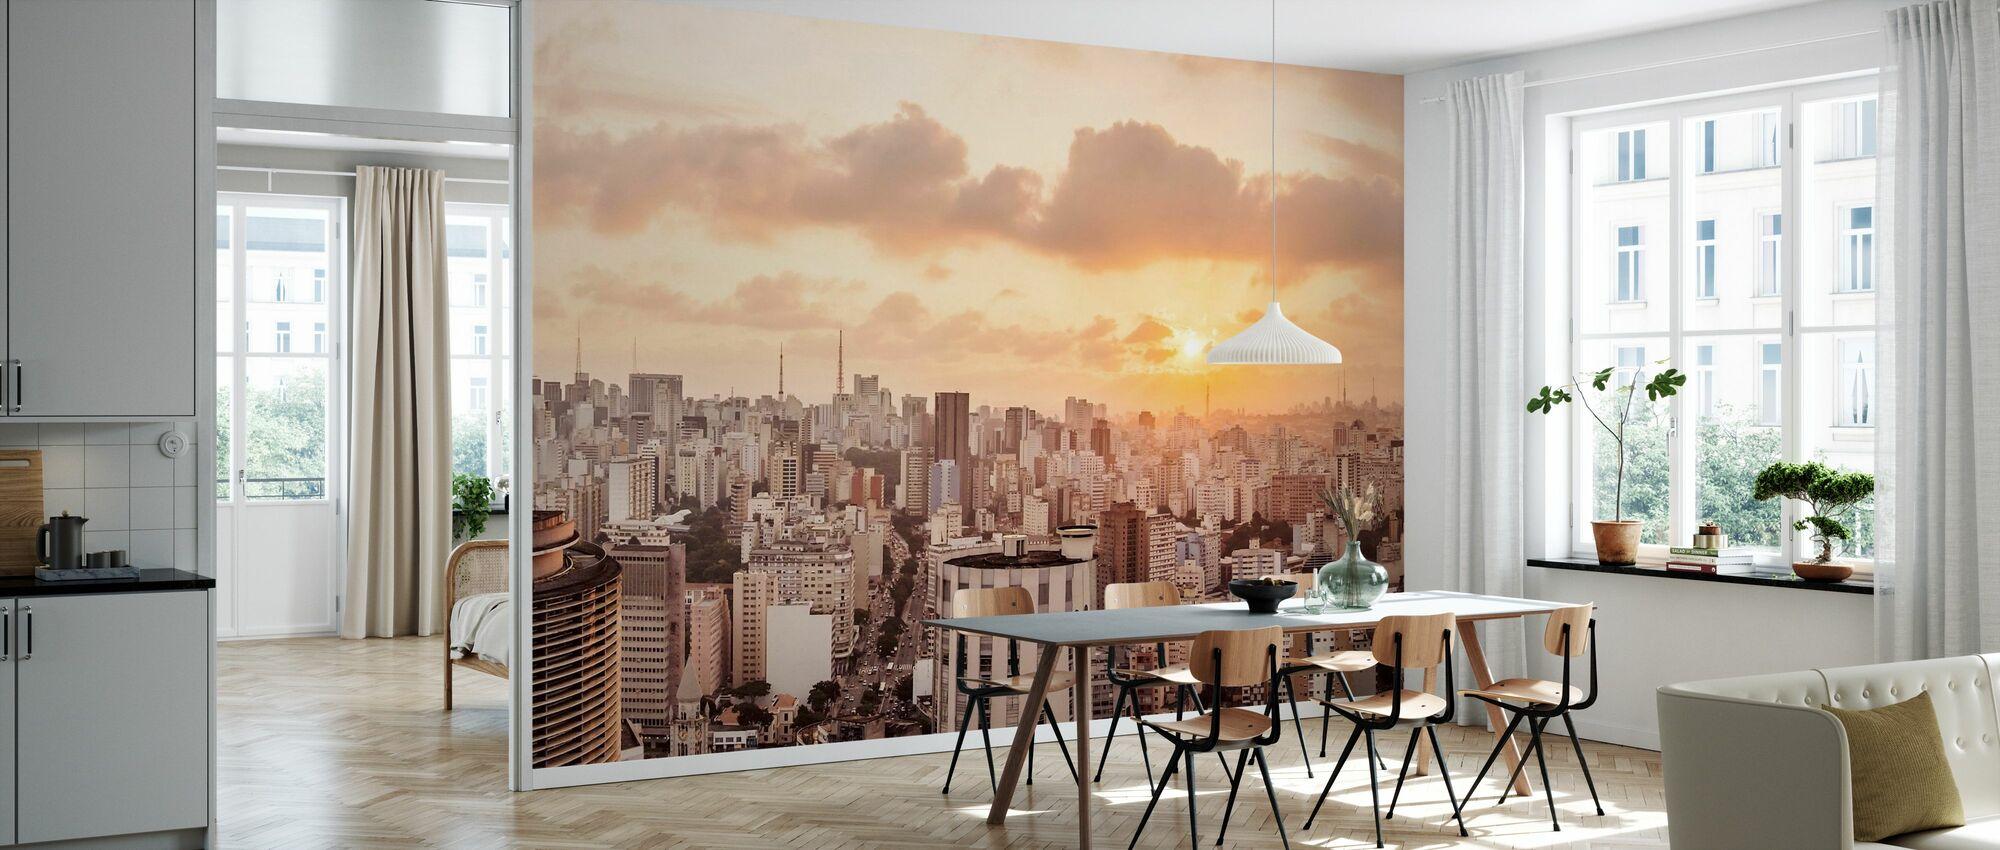 Sao Paulo Sunset - Wallpaper - Kitchen